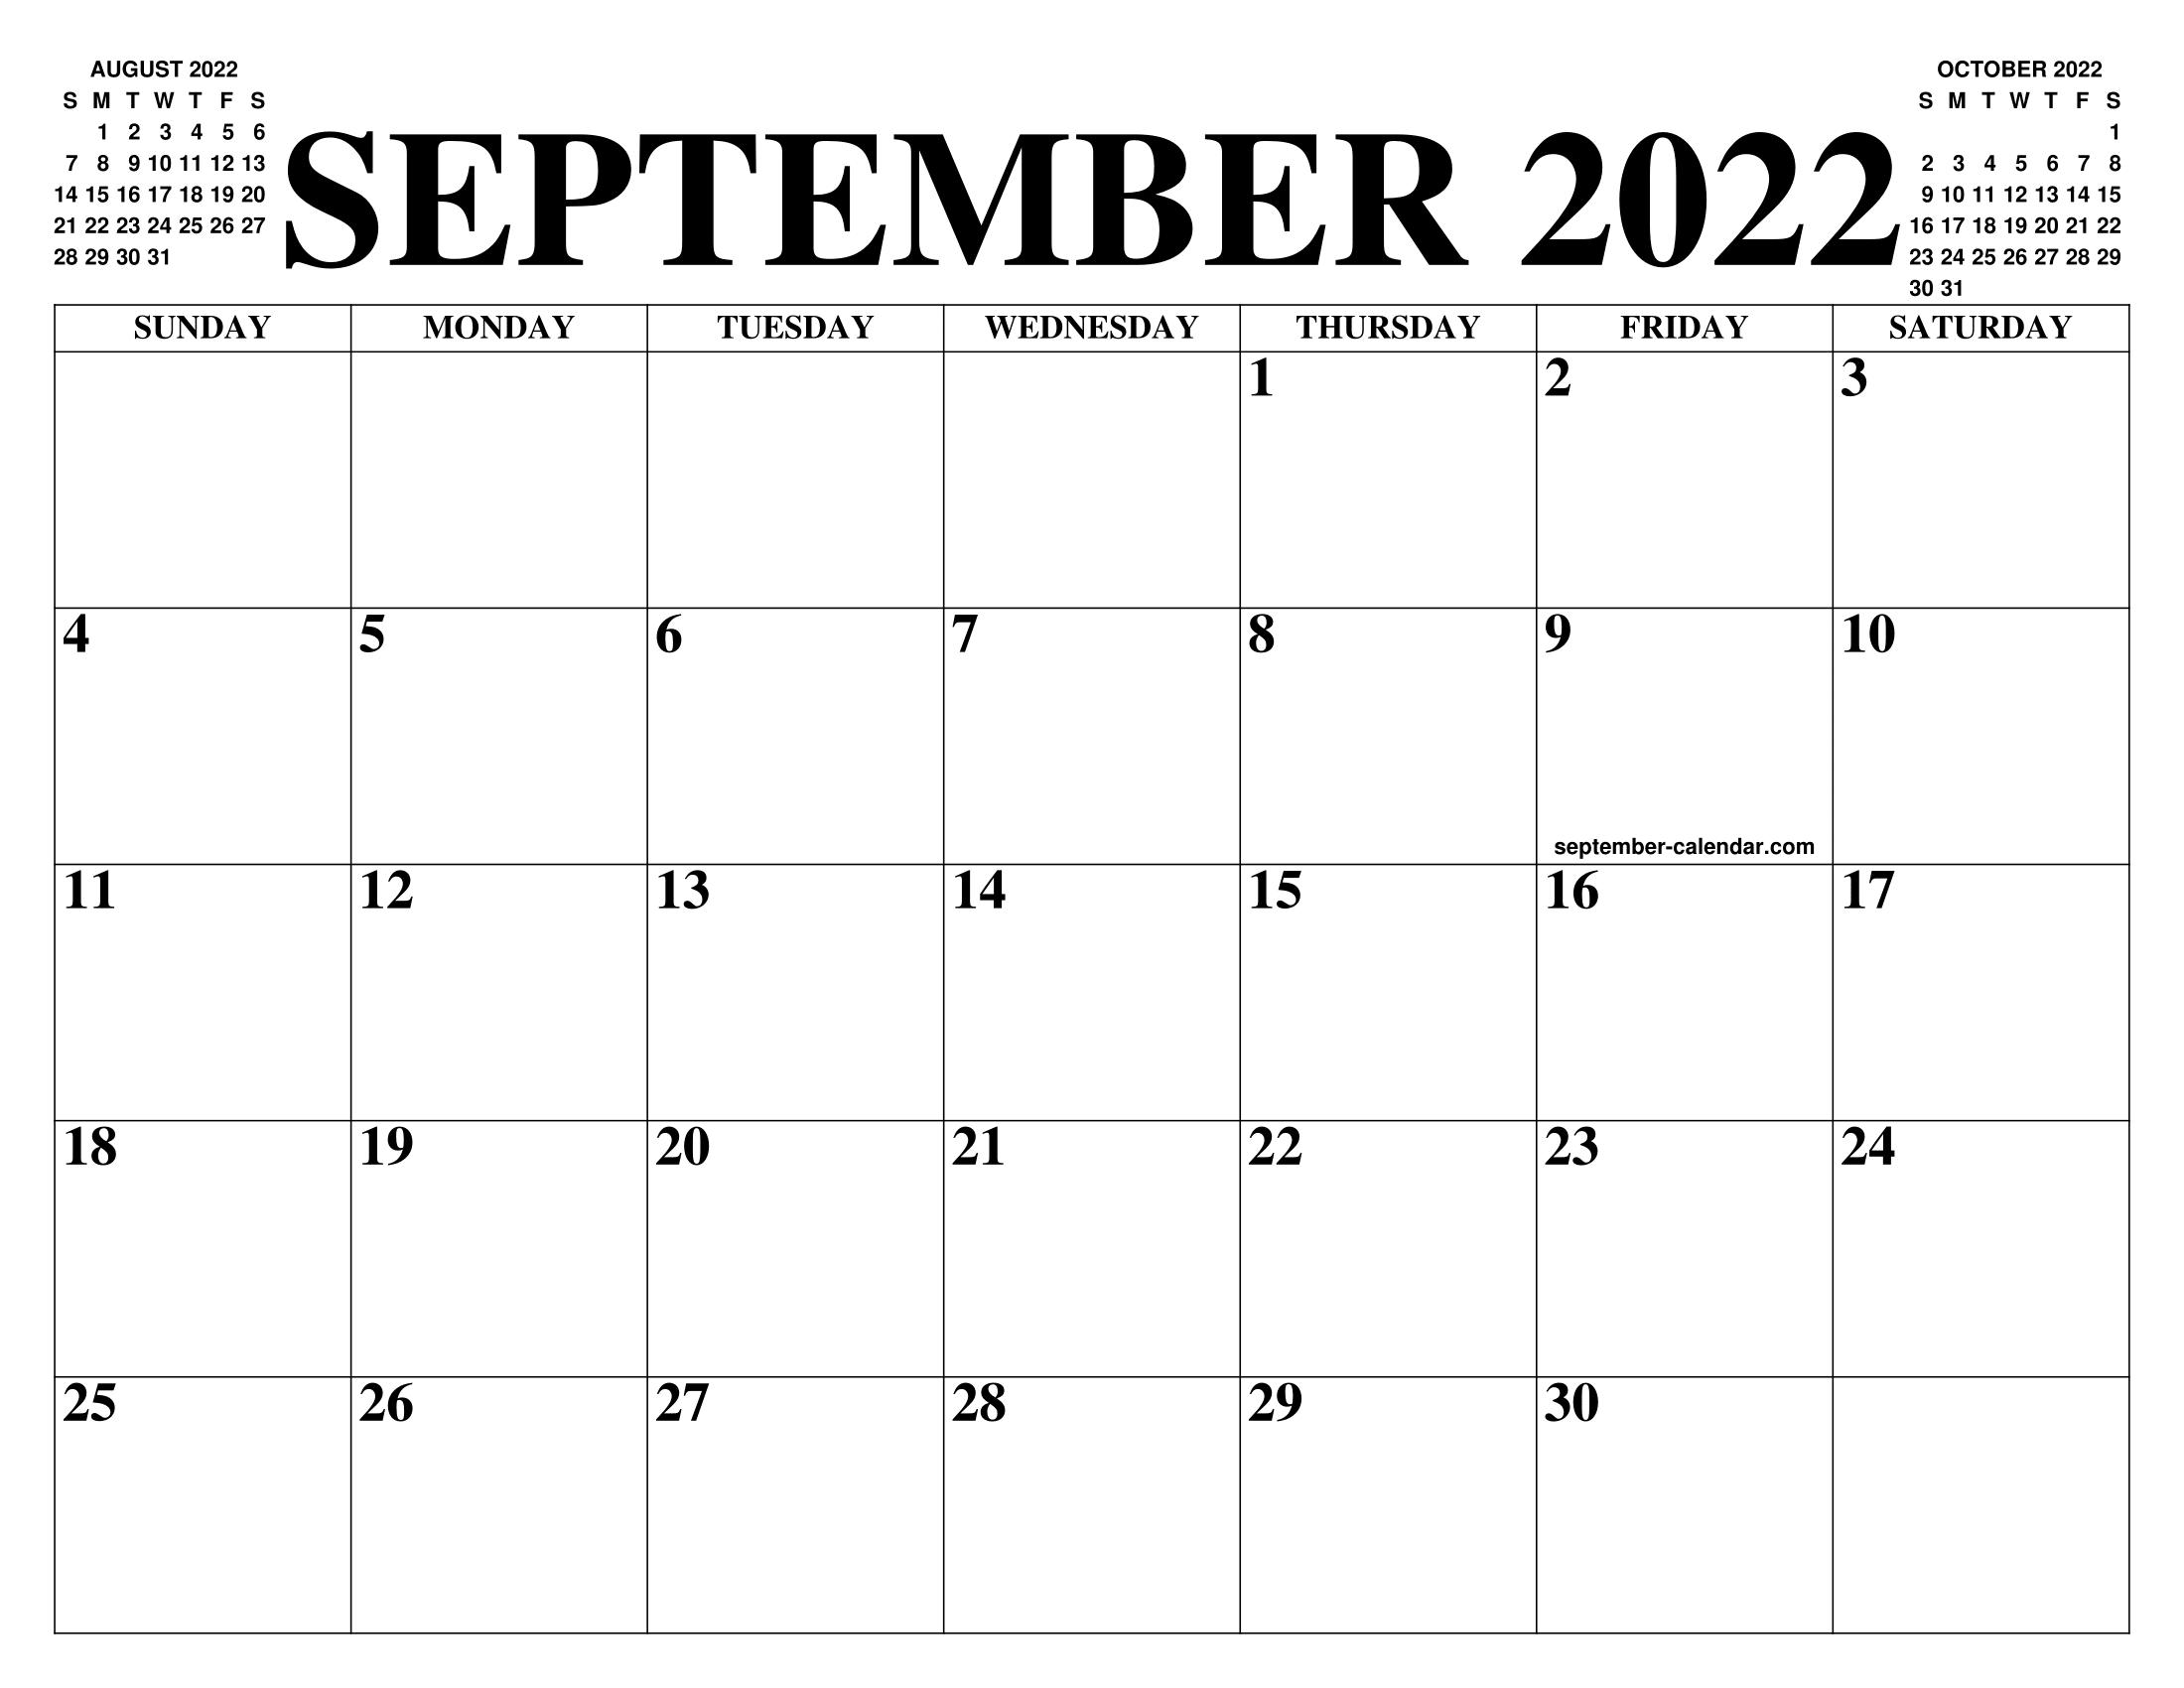 Calendar September 2022.September 2022 Calendar Of The Month Free Printable September Calendar Of The Year Agenda